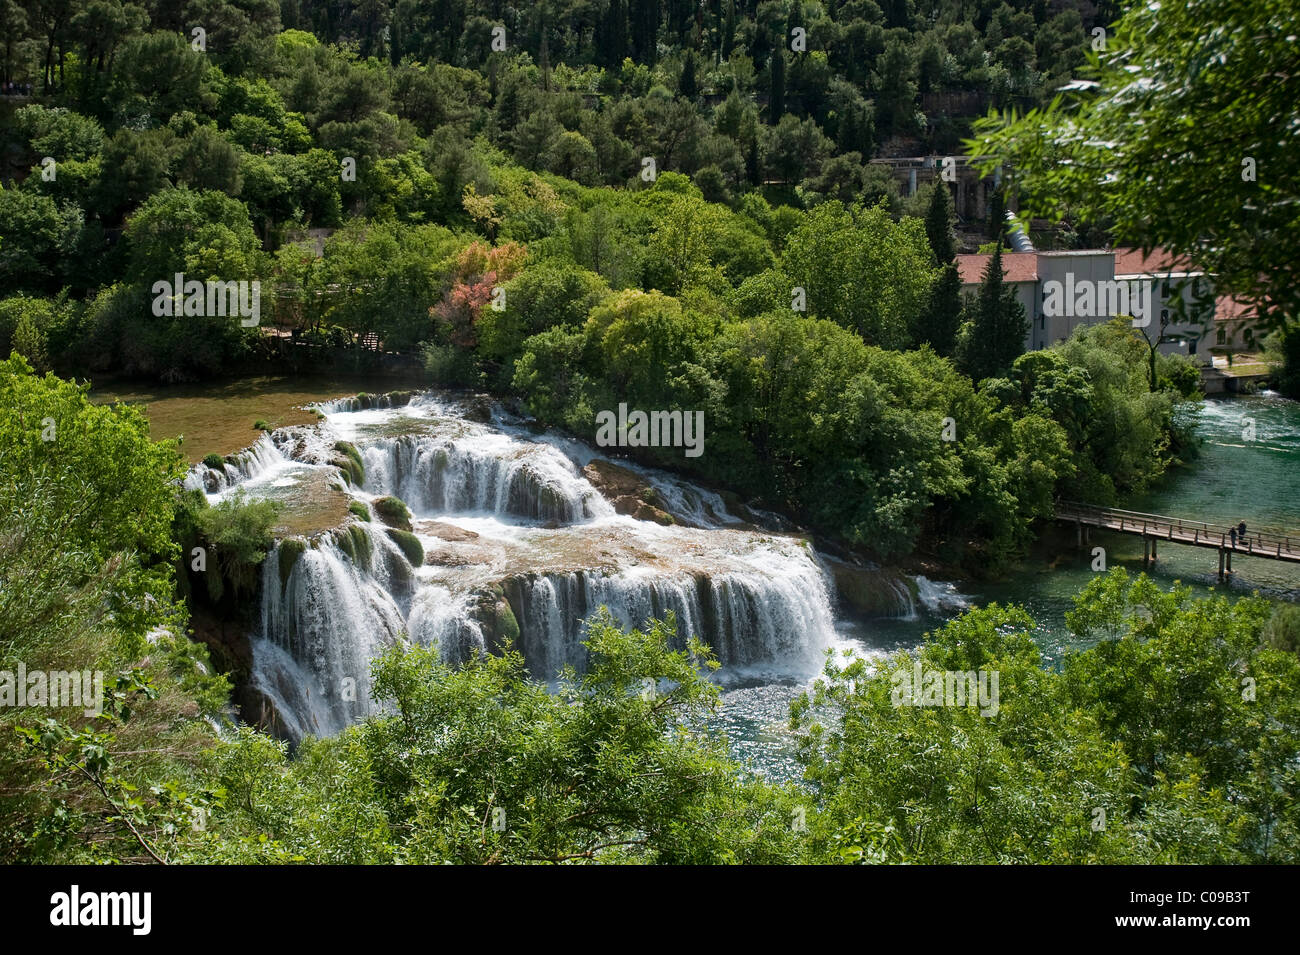 Wasserfälle, Nationalpark Krka, Region Sibenik-Knin, Kroatien, Europa Stockbild